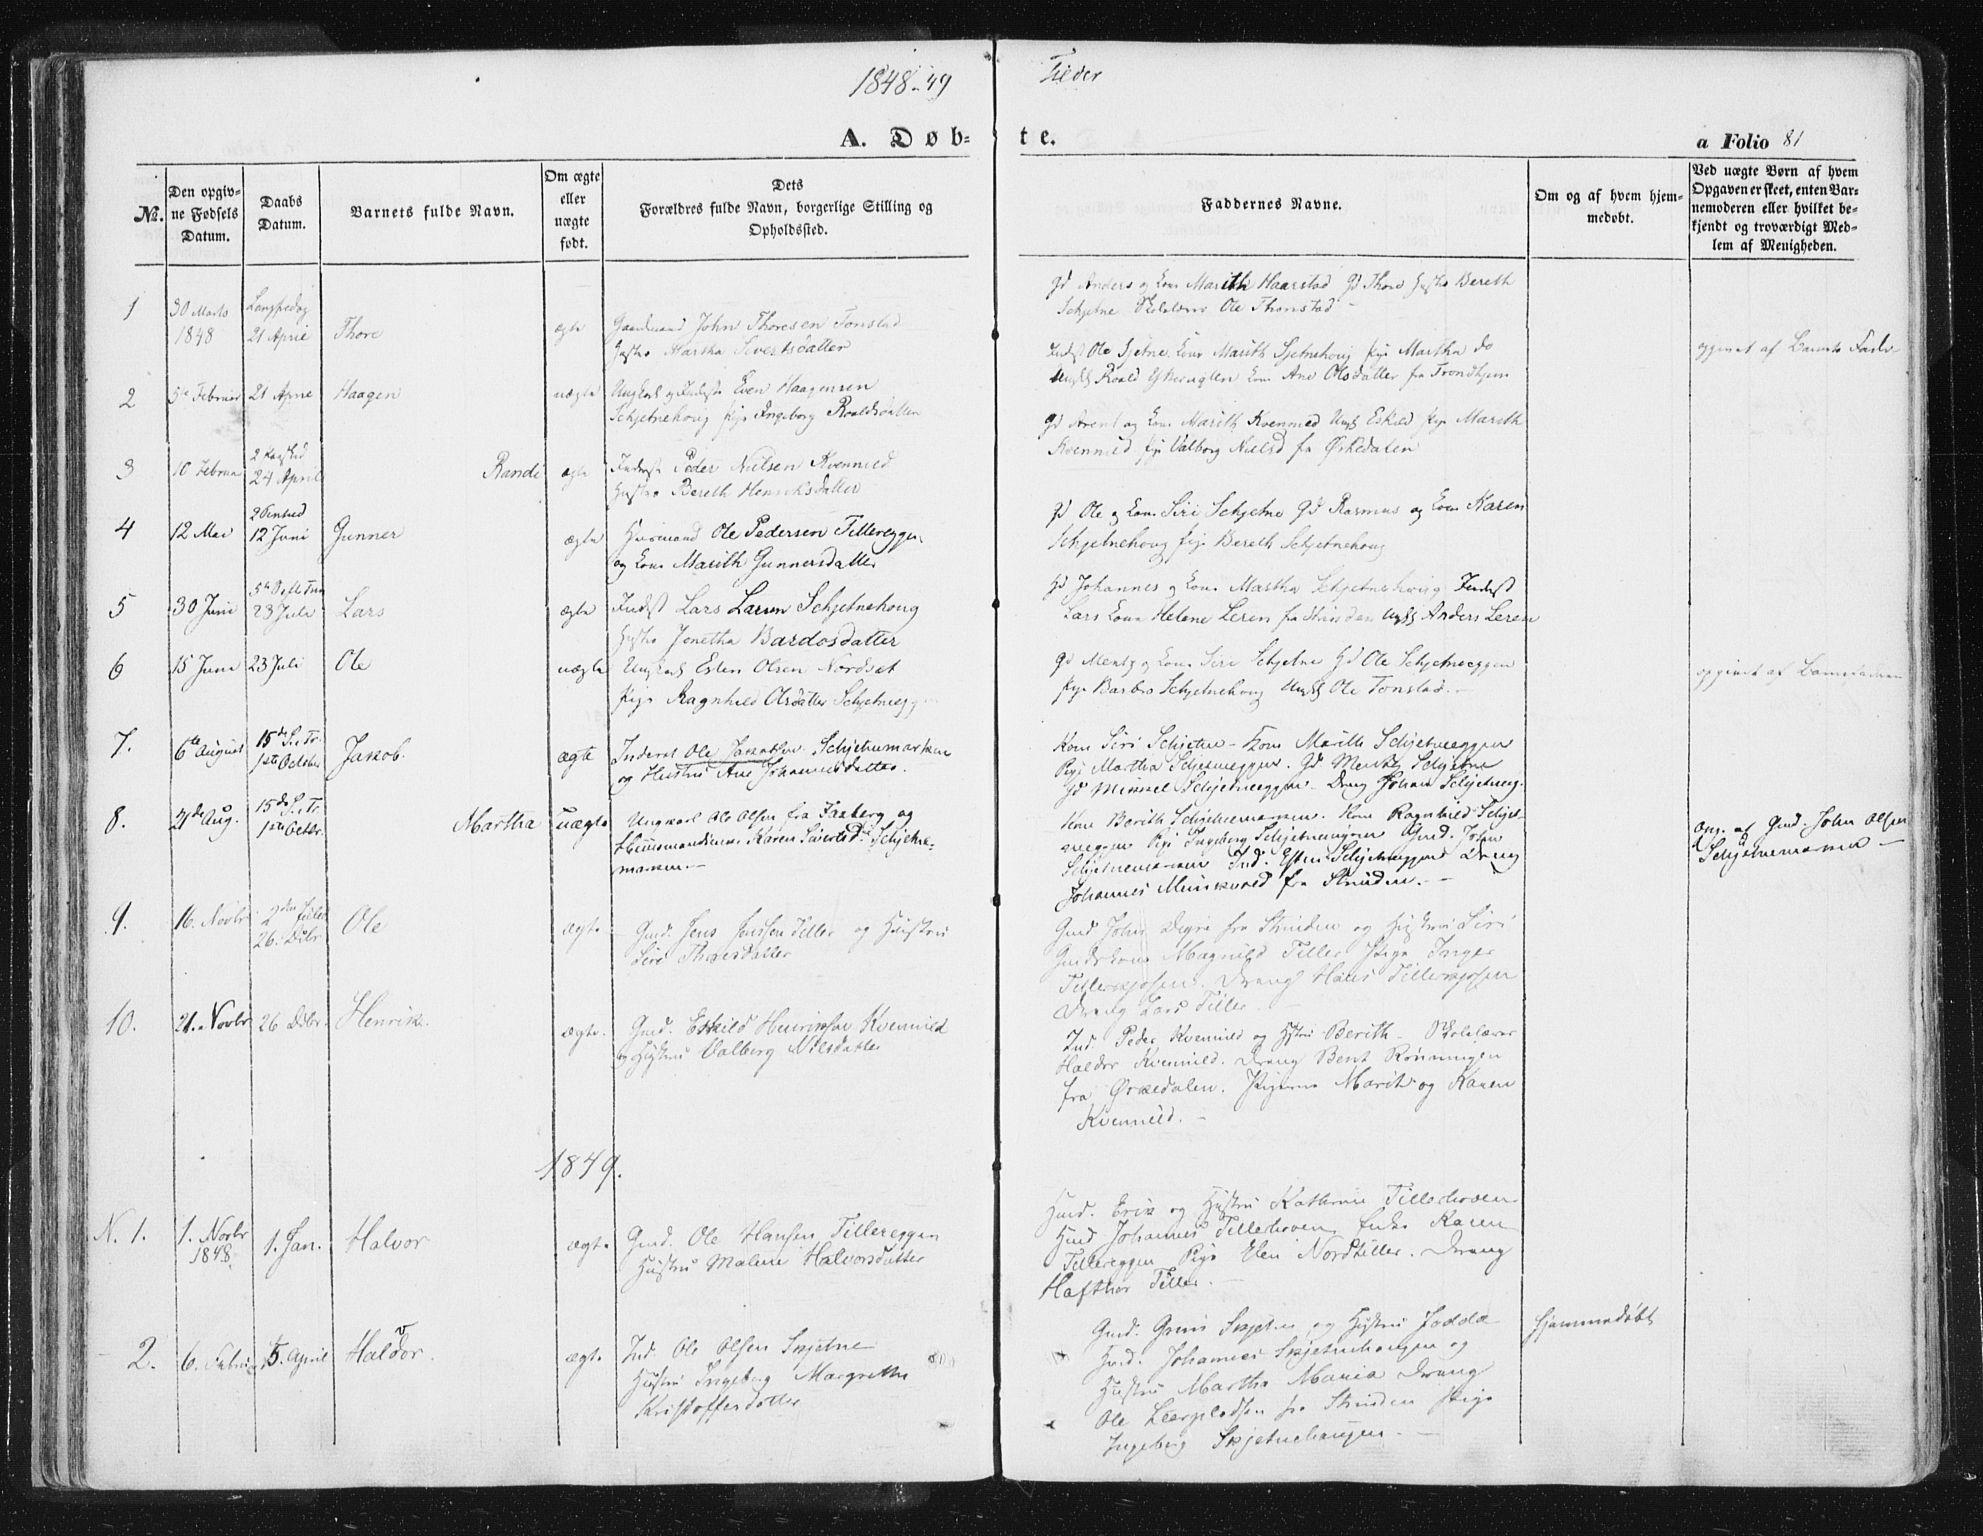 SAT, Ministerialprotokoller, klokkerbøker og fødselsregistre - Sør-Trøndelag, 618/L0441: Ministerialbok nr. 618A05, 1843-1862, s. 81